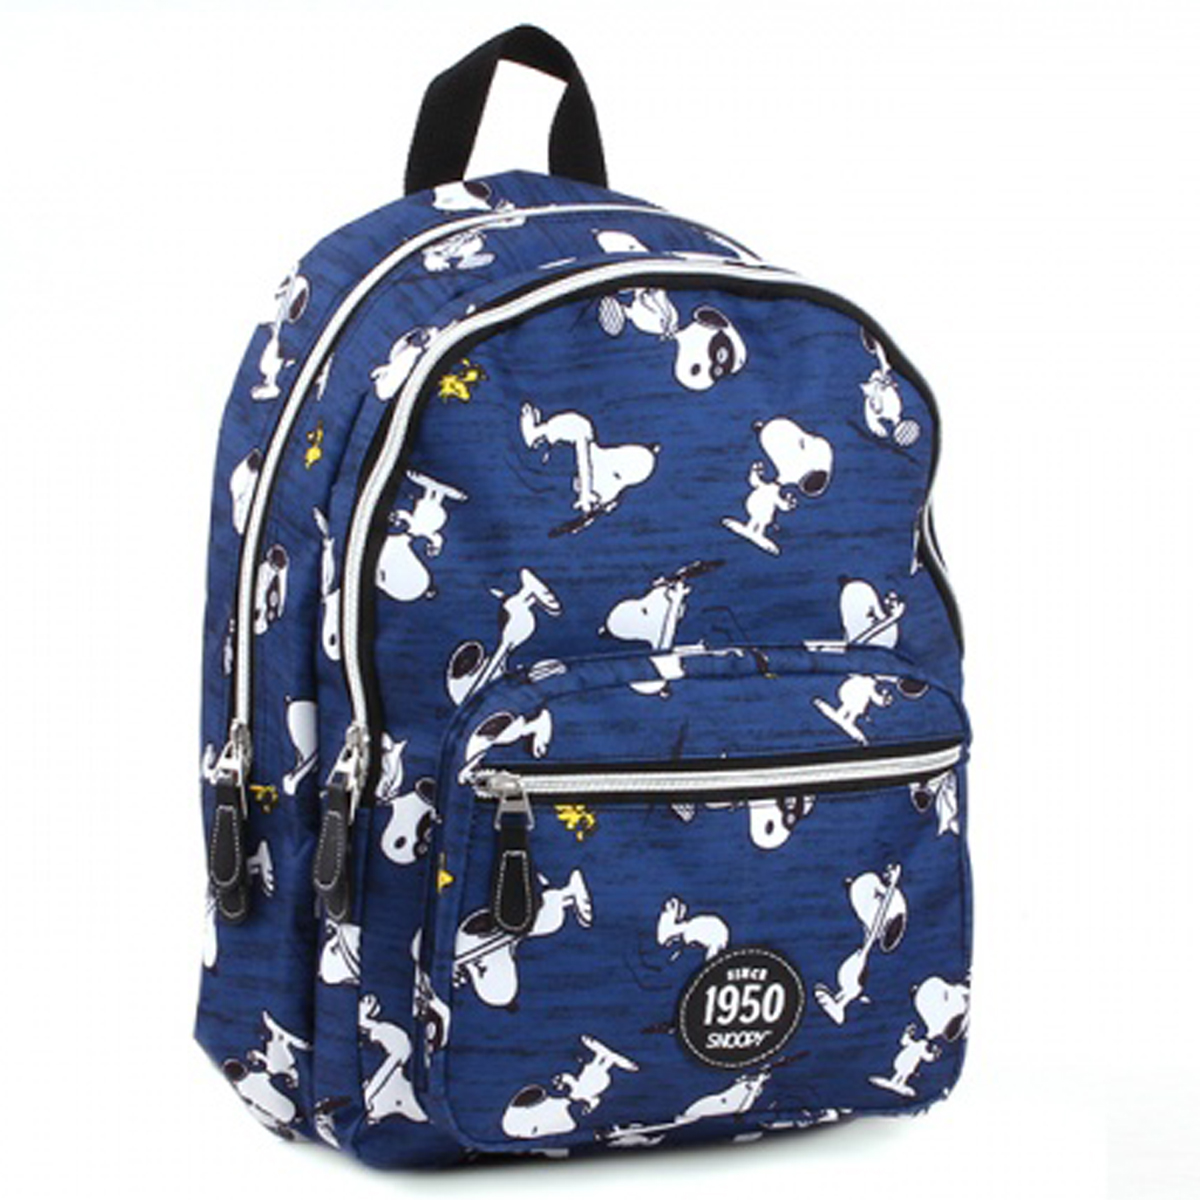 Sac à dos créateur \'Snoopy\' bleu blanc (2 compartiments) - 38x26x14 cm - [Q4737]